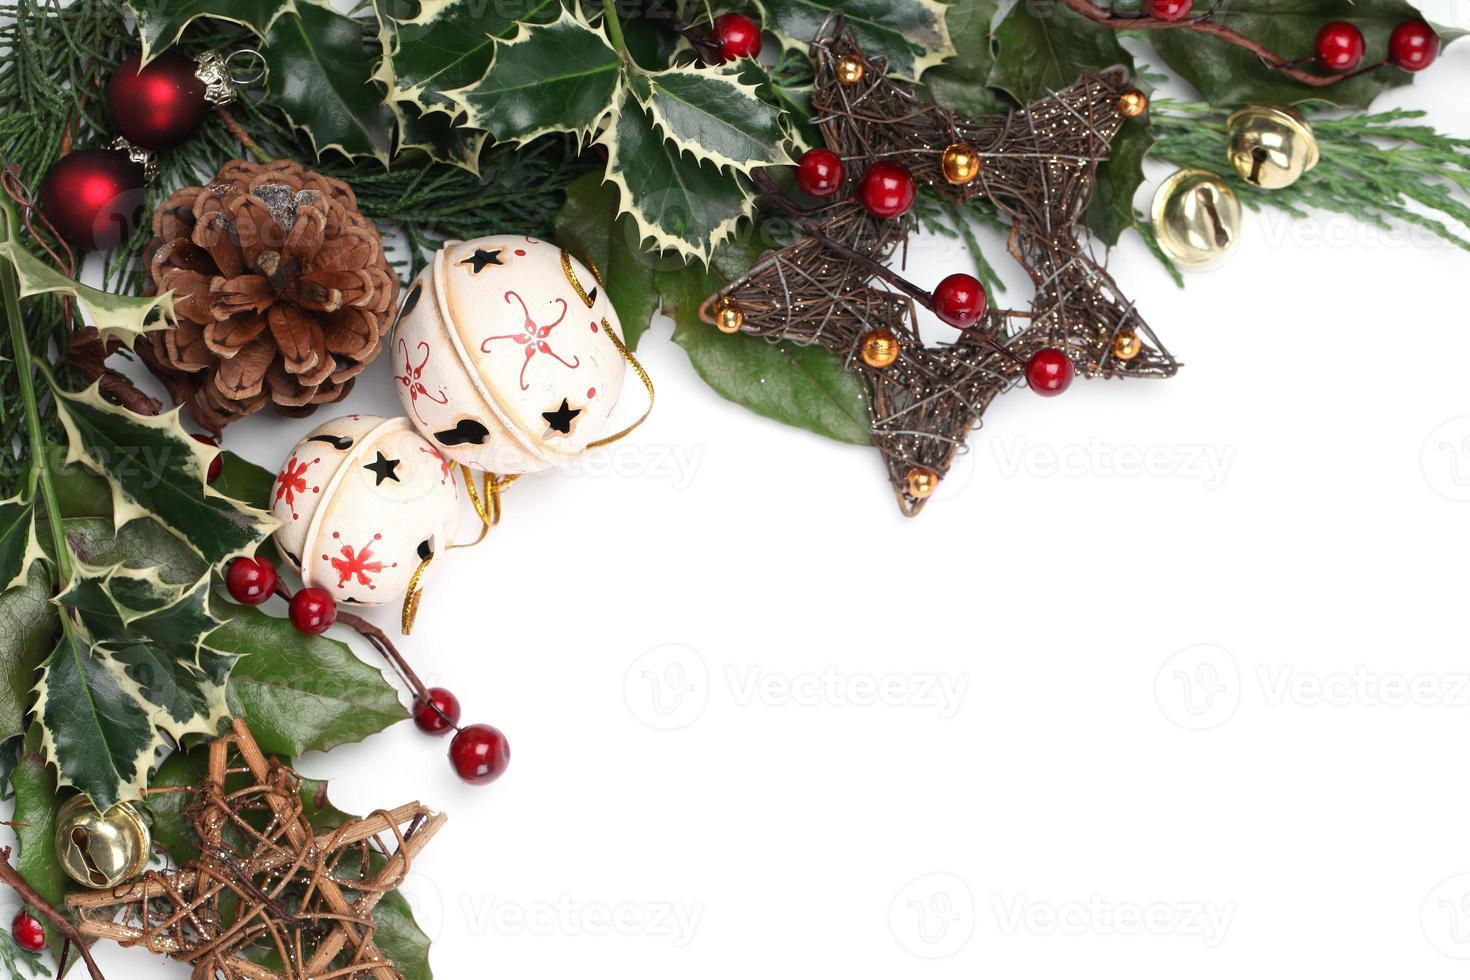 jingle bell en ster kerst frame foto